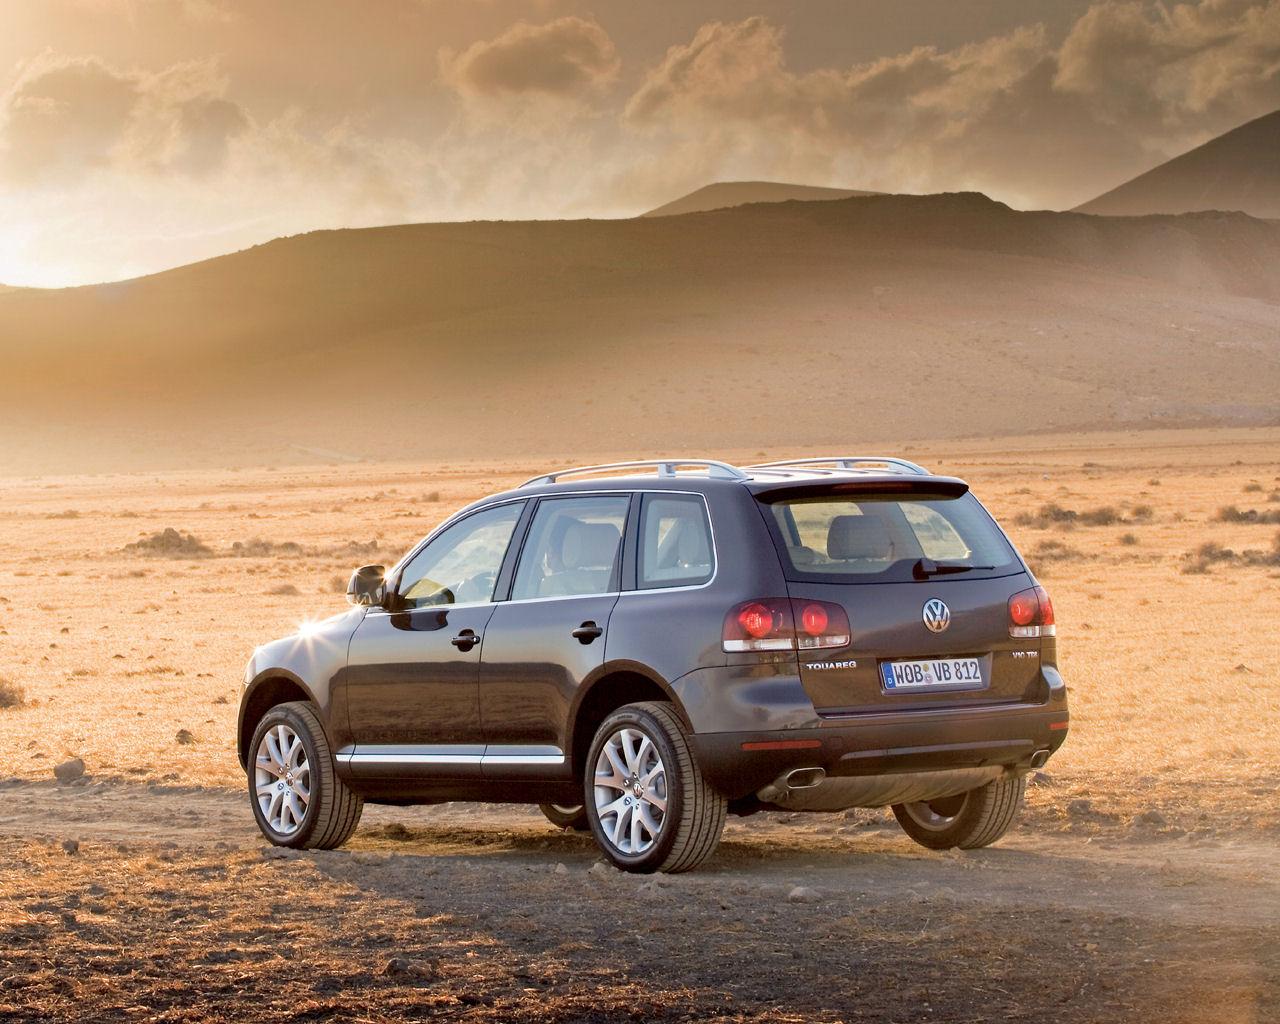 Volkswagen Touareg Wallpaper 11   1280 X 1024 stmednet 1280x1024